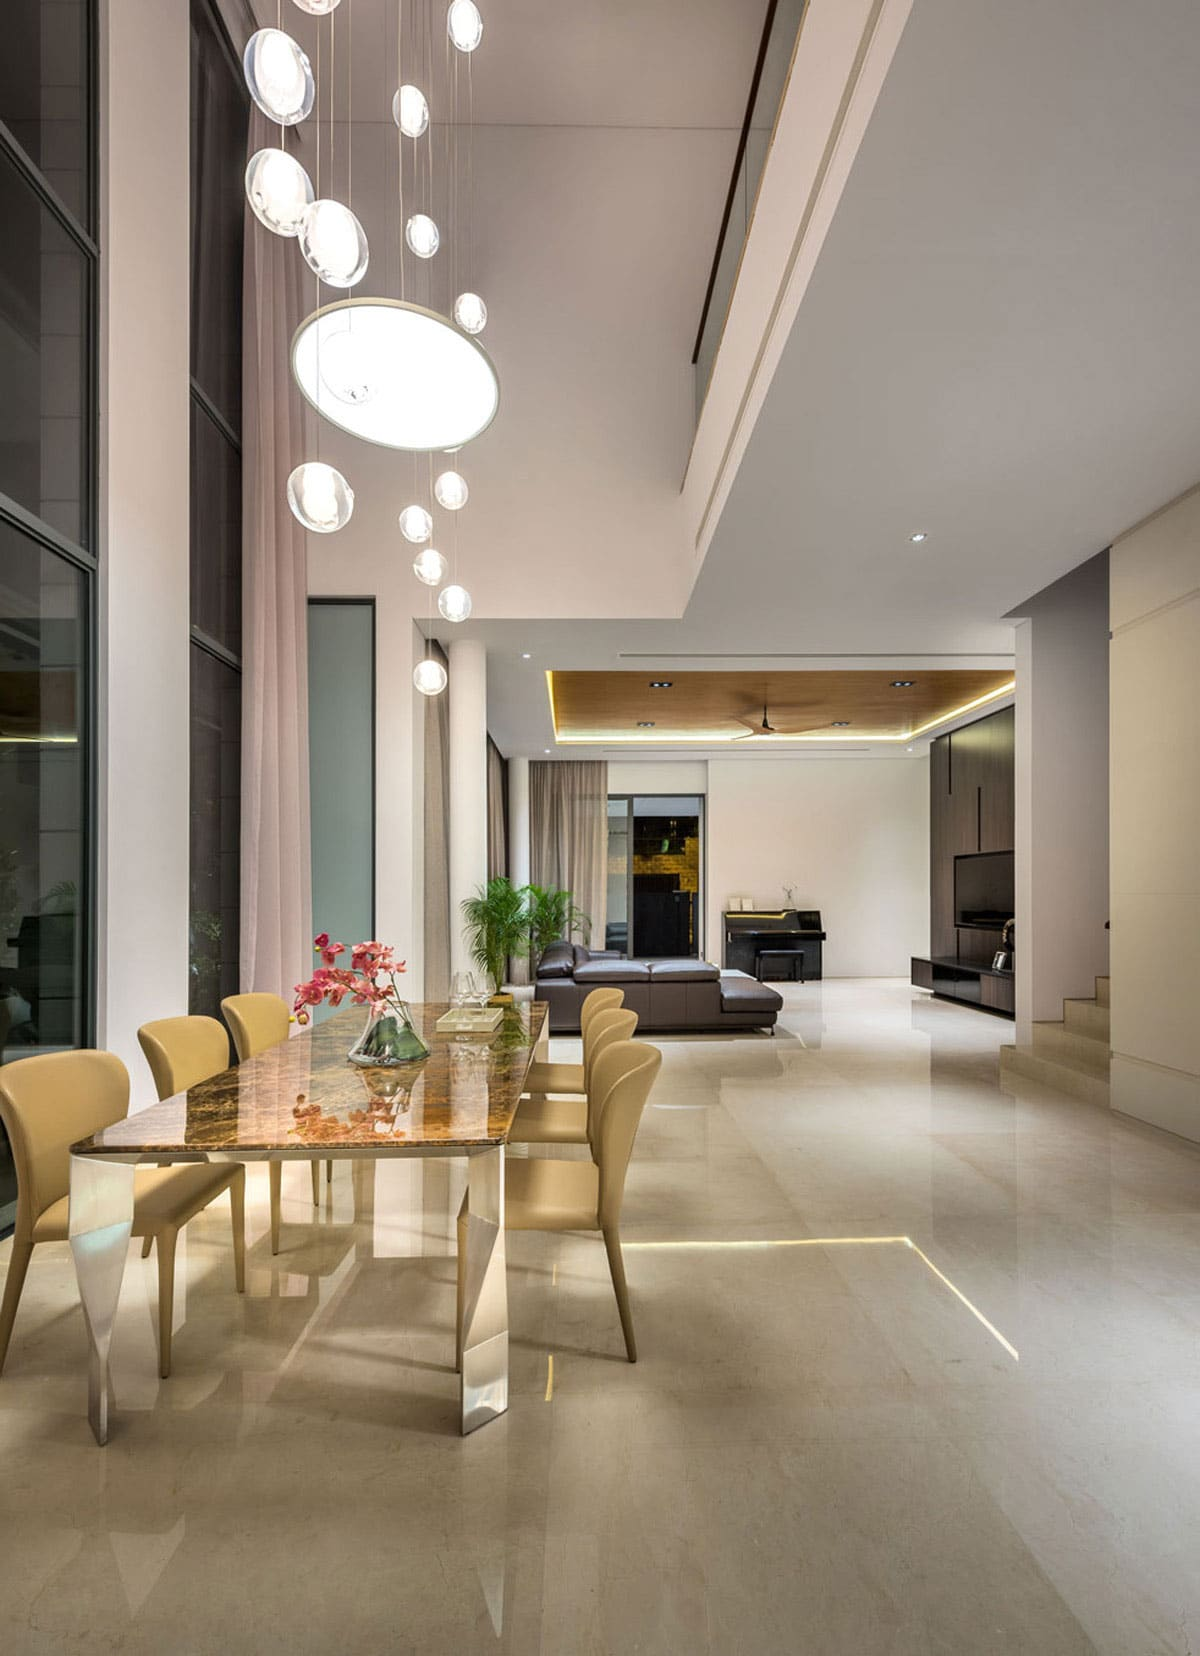 Dise o casa moderna tres pisos Interiores de casas modernas 2015